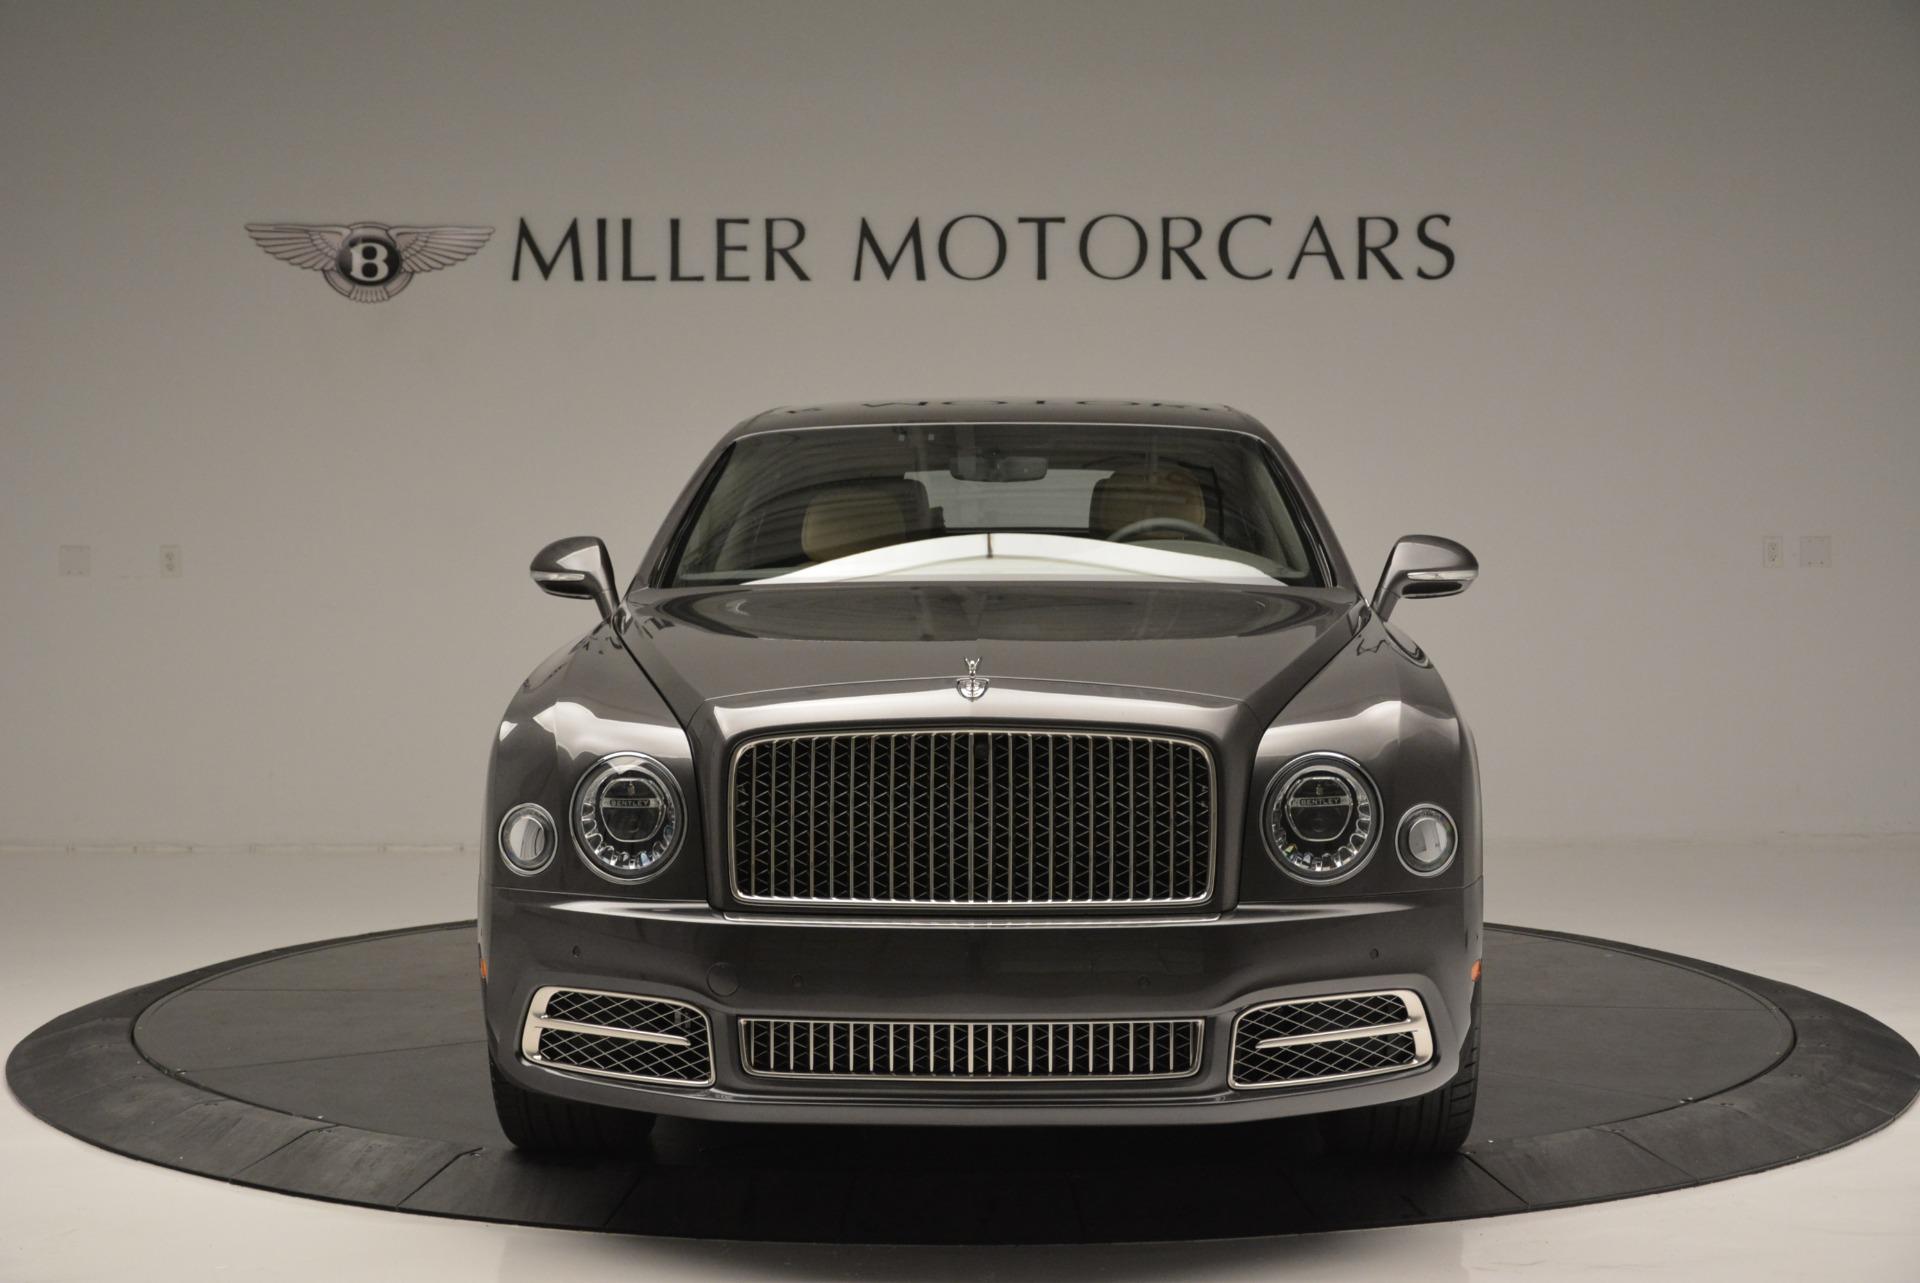 Used 2017 Bentley Mulsanne EWB For Sale In Westport, CT 1554_p2